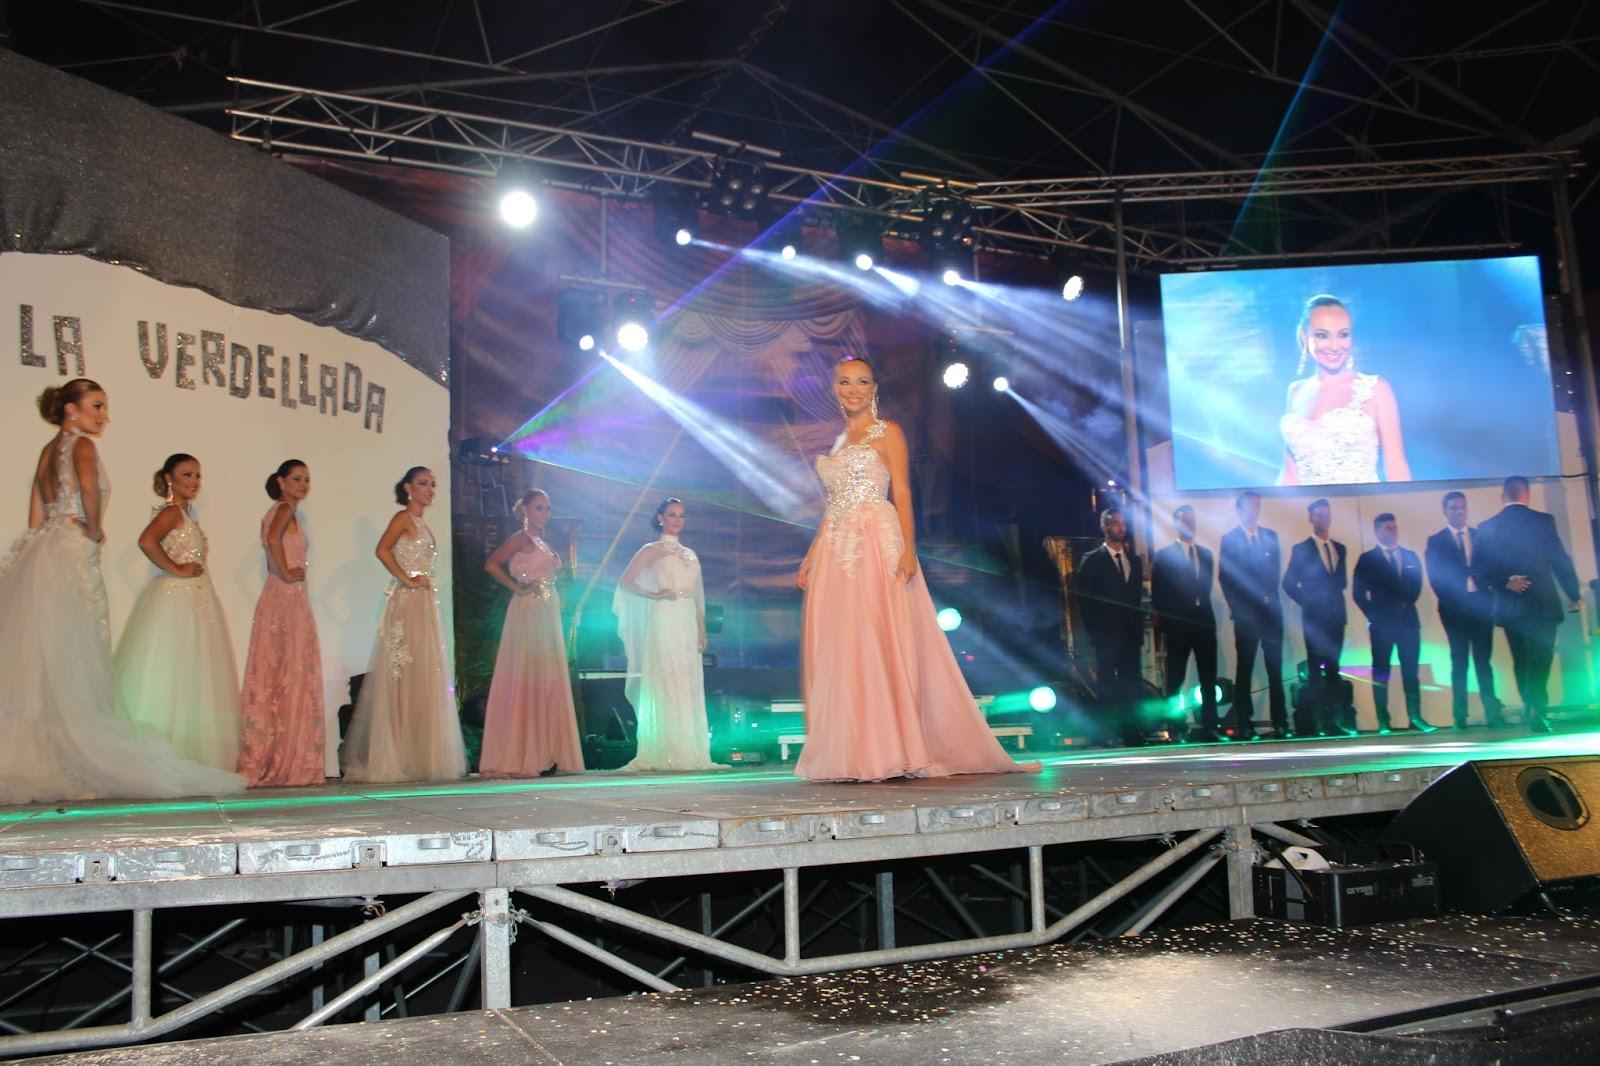 Fiestas La Verdellada 2016